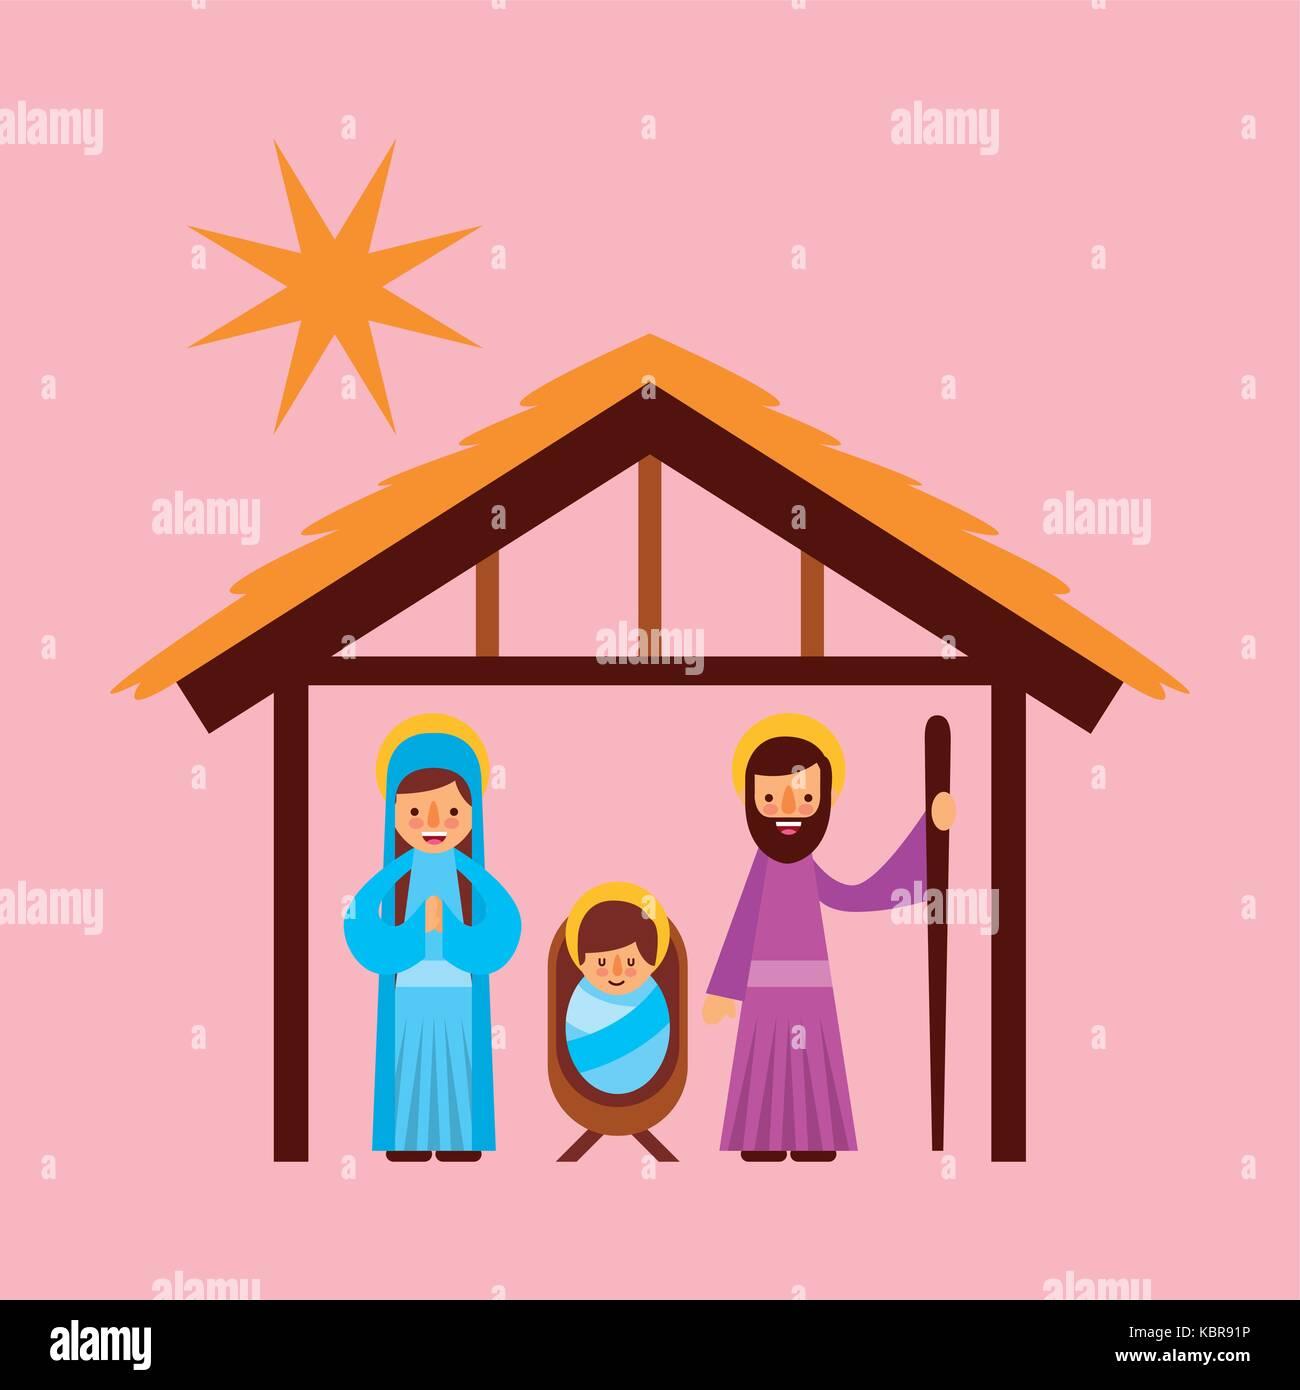 Holy Family Jesus Stockfotos & Holy Family Jesus Bilder - Seite 3 ...